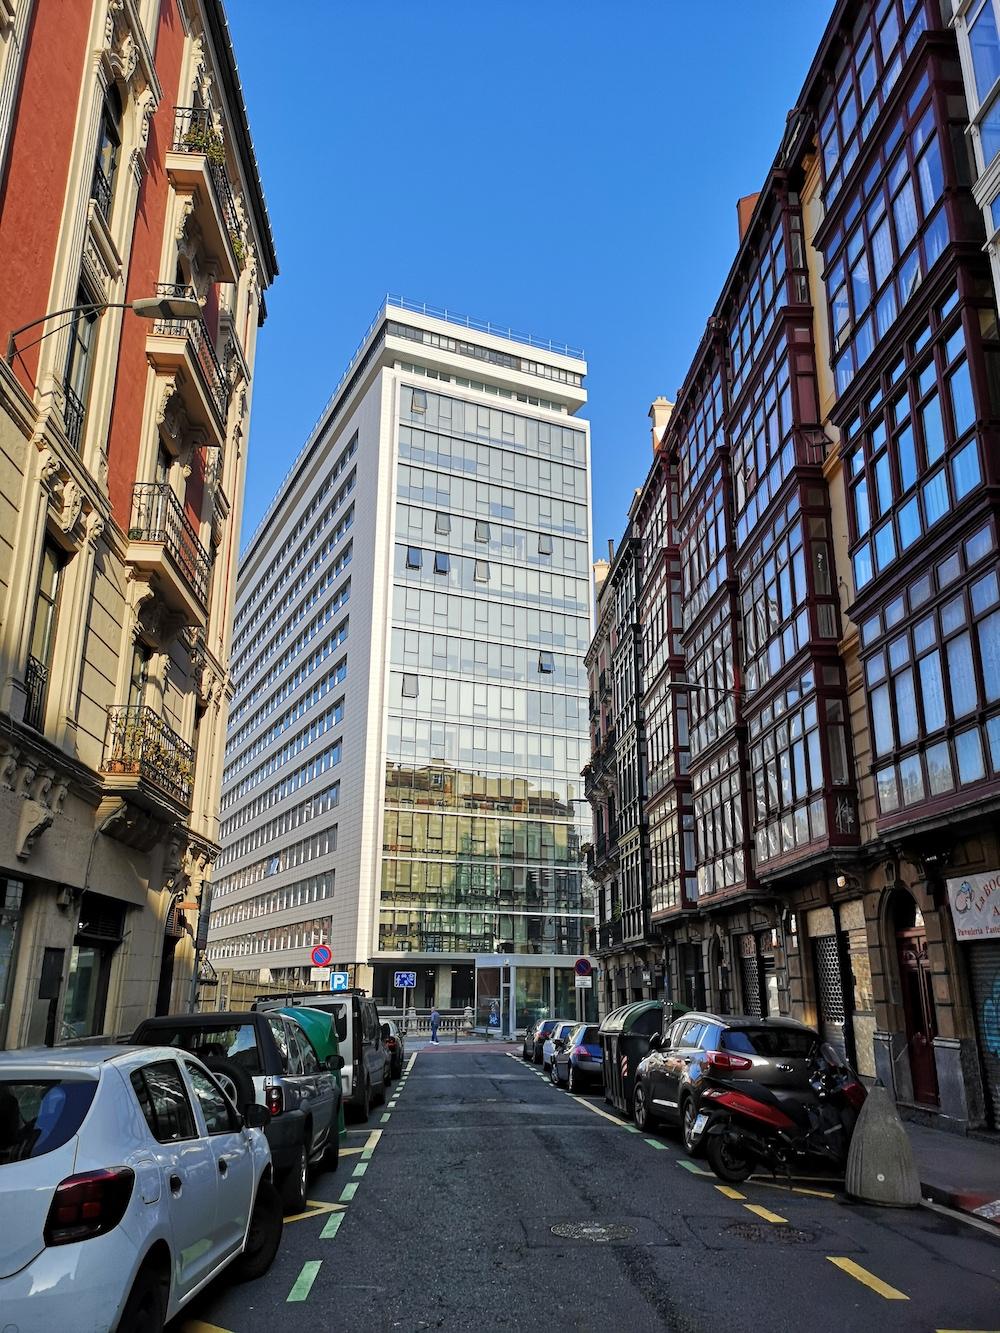 Calle Arbolantxa (Bilbao)